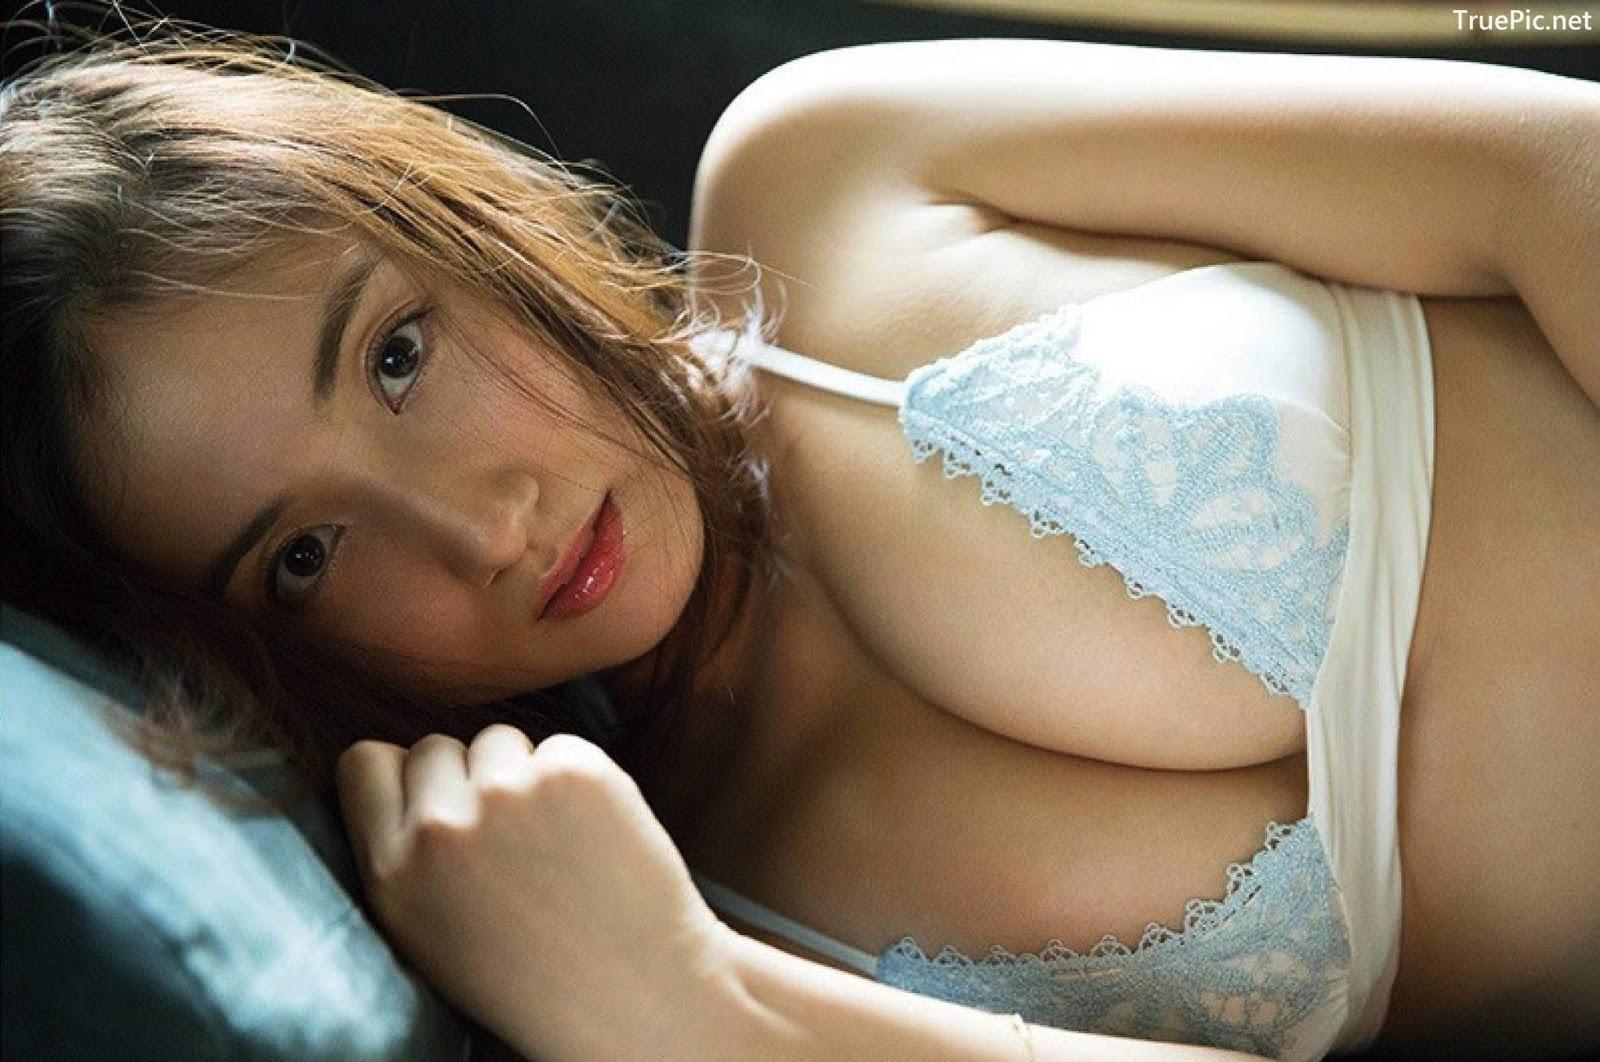 Image Japanese Gravure Idol - Irie Saaya - Weekly Taishu 2019.12 - TruePic.net - Picture-11